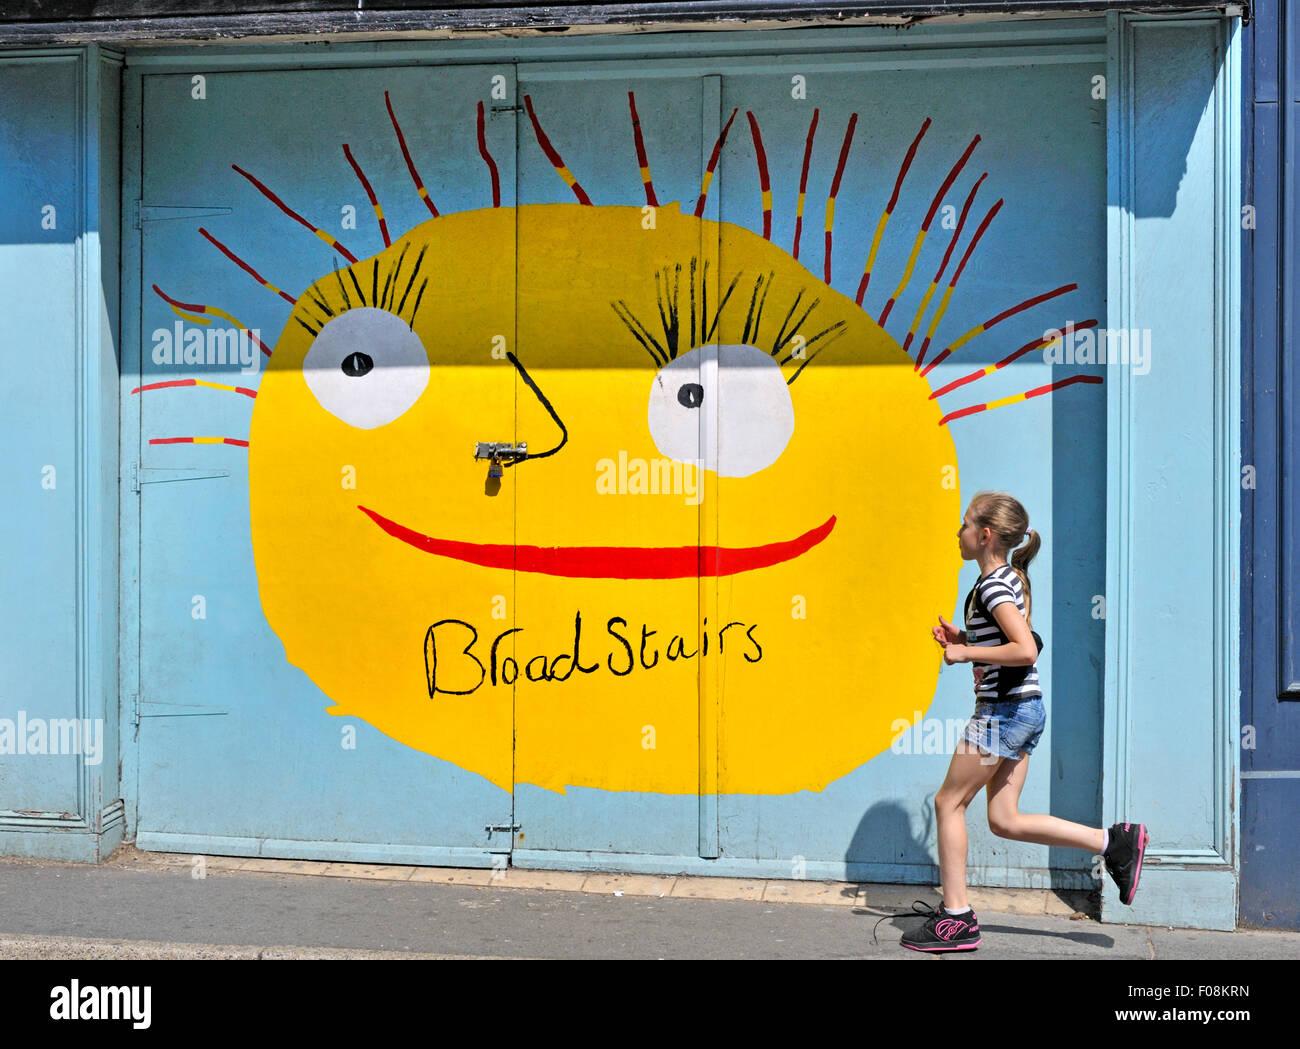 Broadstairs, Kent, England, UK. Junge Mädchen laufen vorbei an einem gemalten Shop in der High street Stockbild